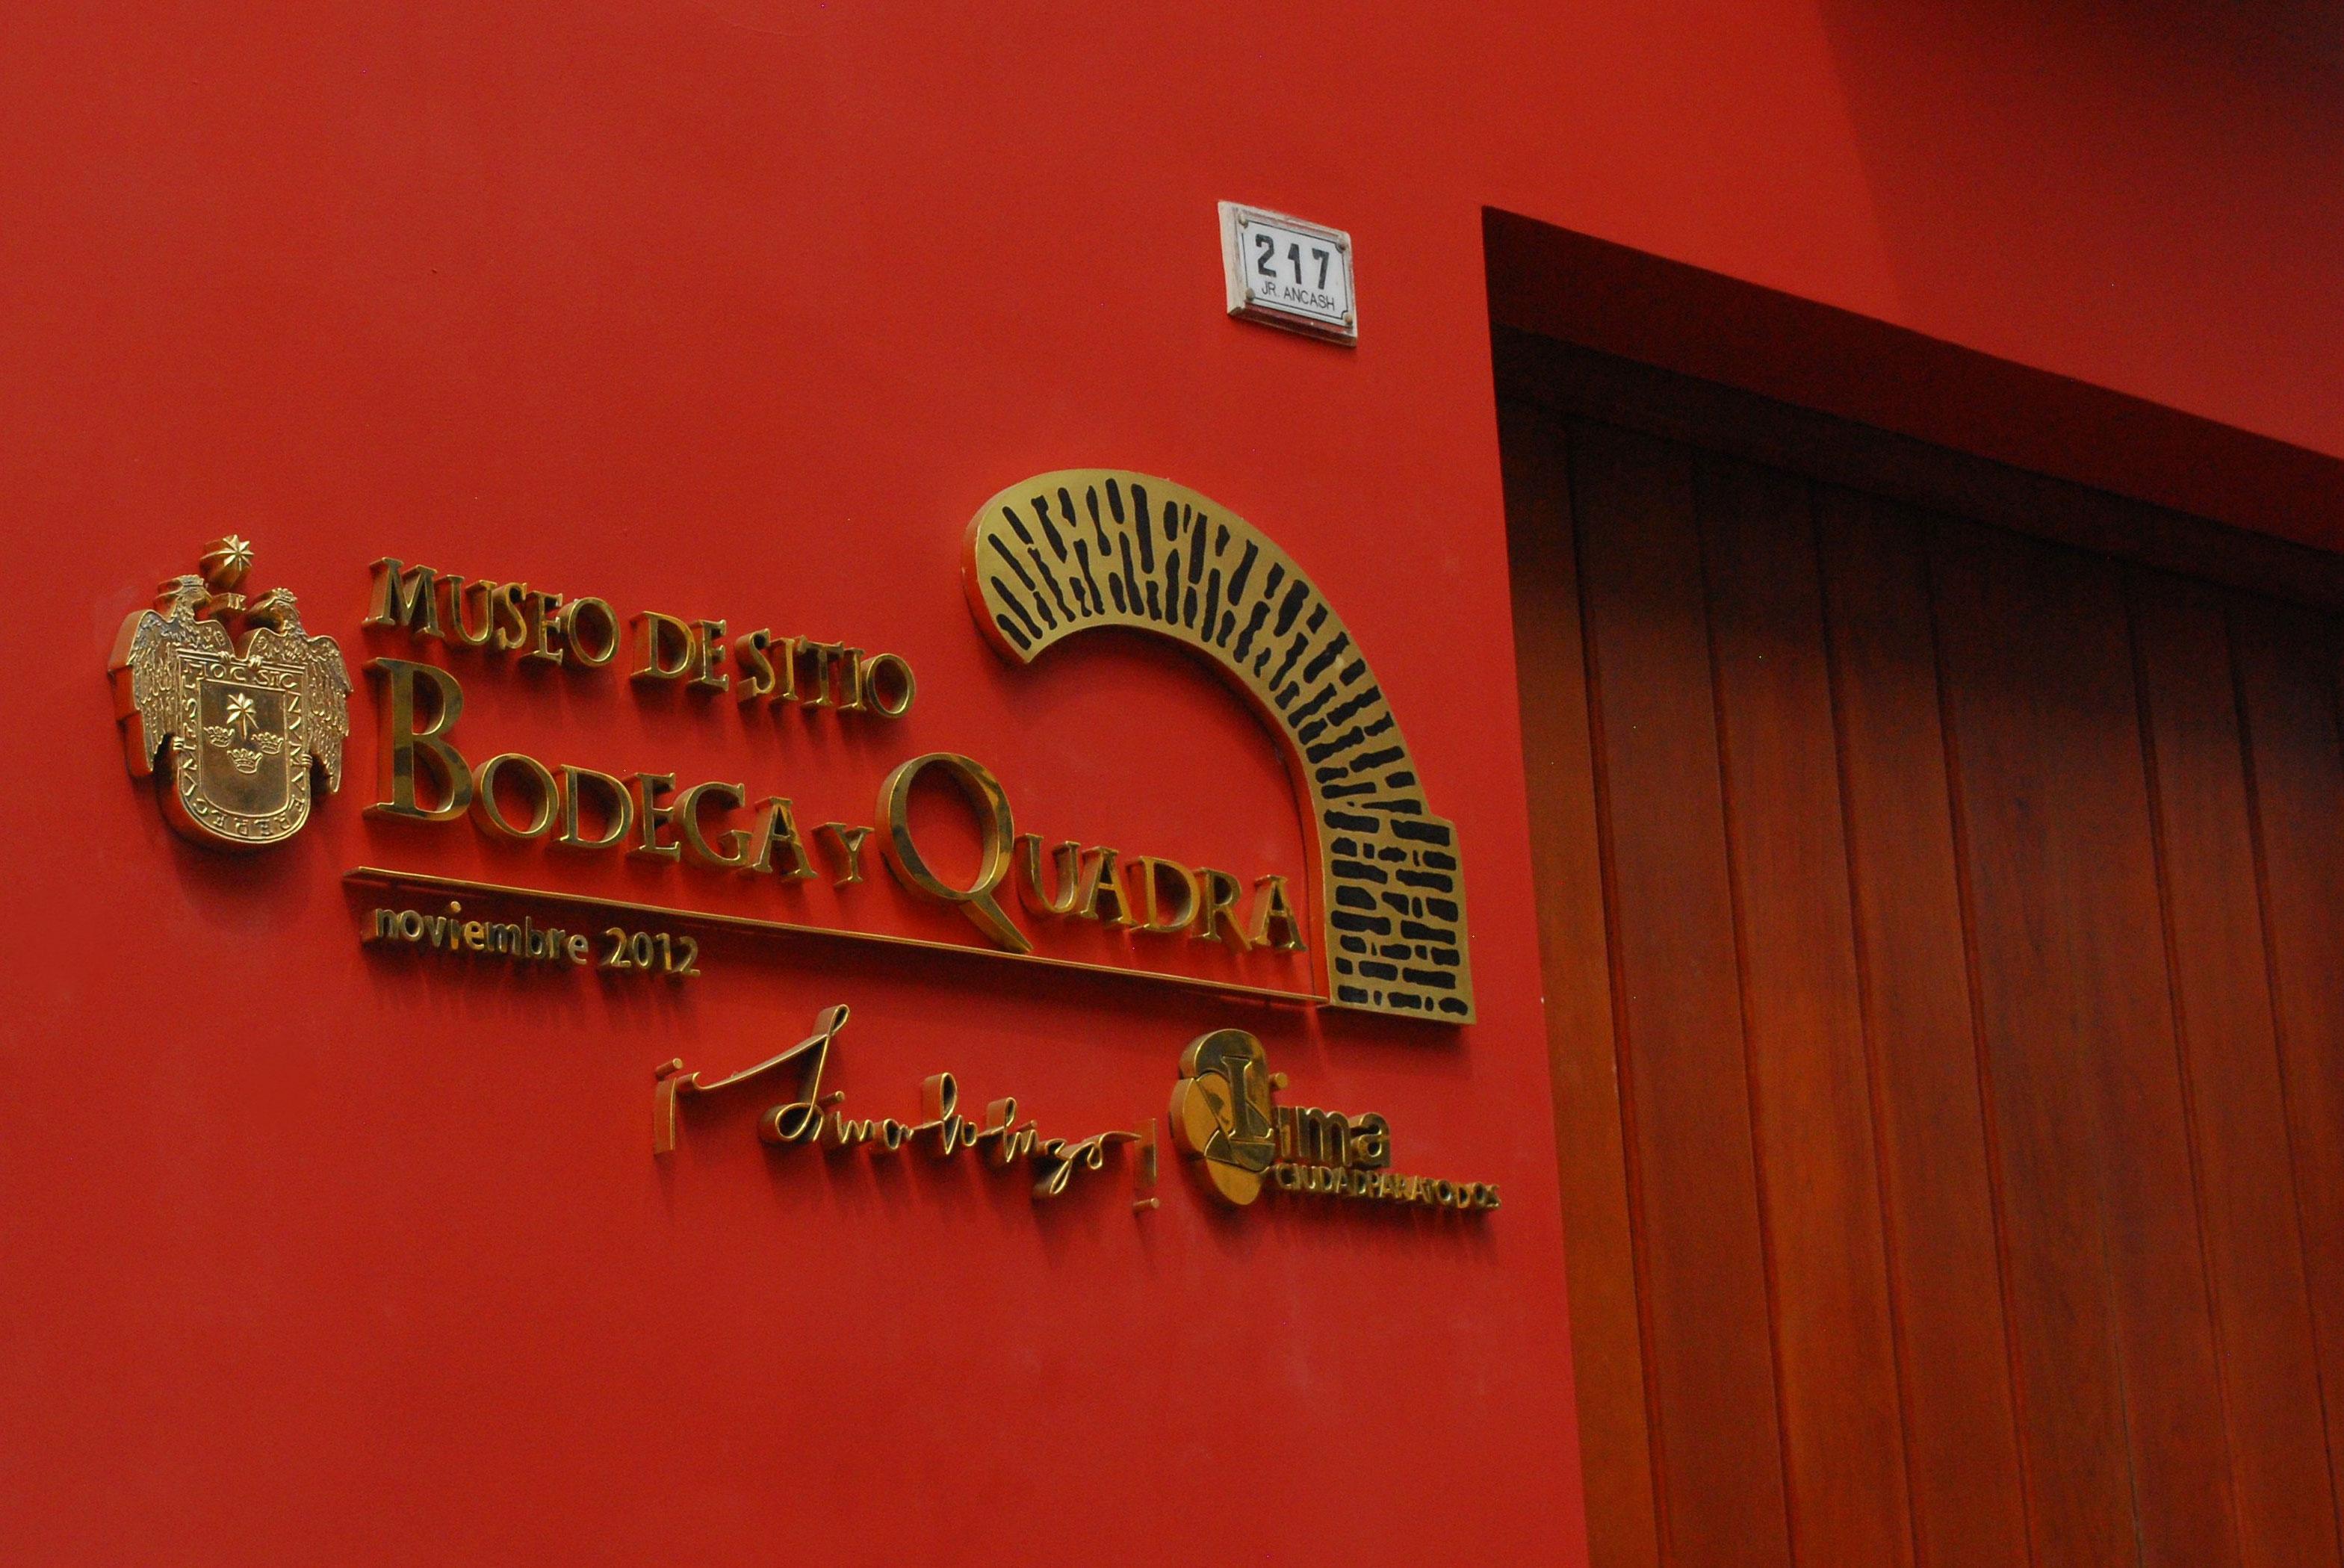 Museu bodega y Quadra de Lima